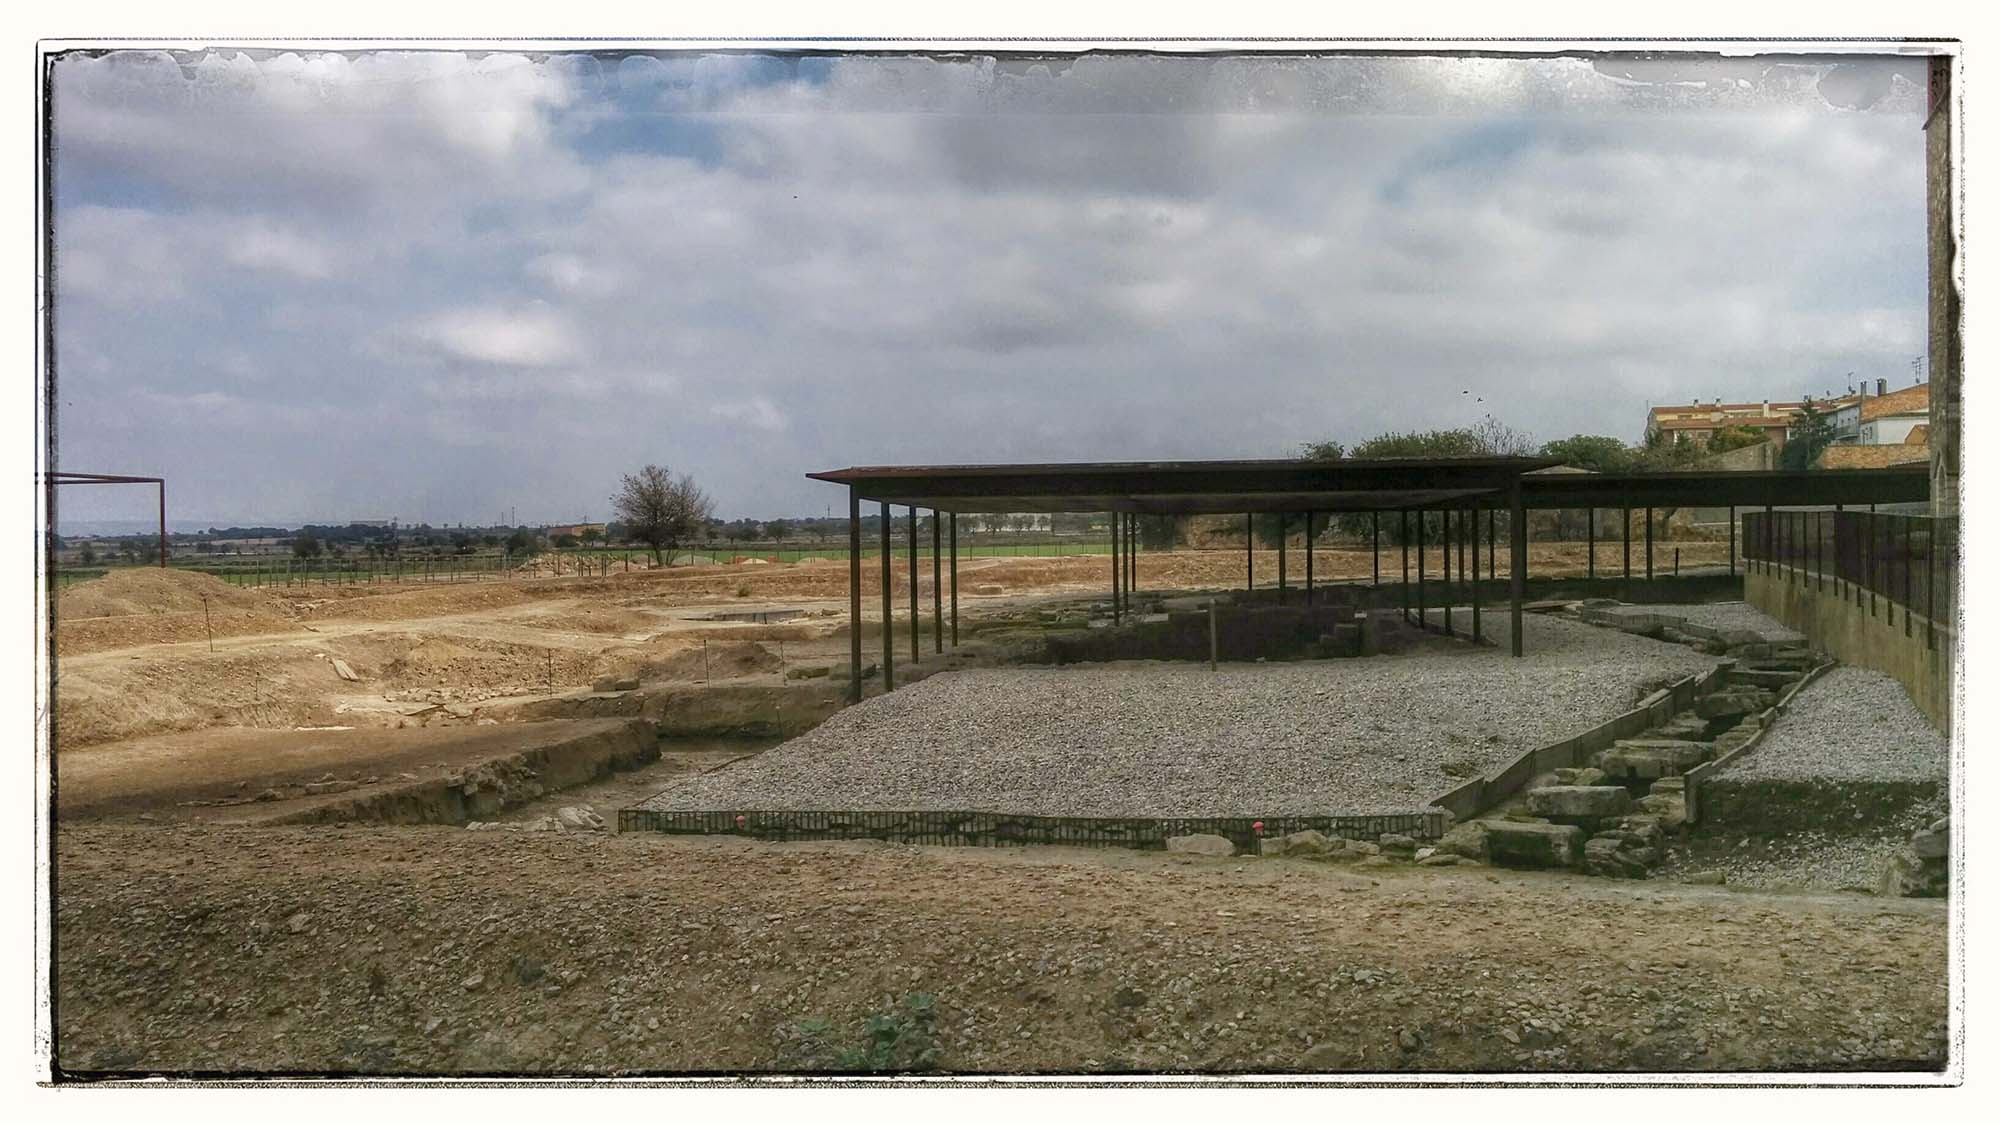 Roman site of Parc arqueològic Iesso